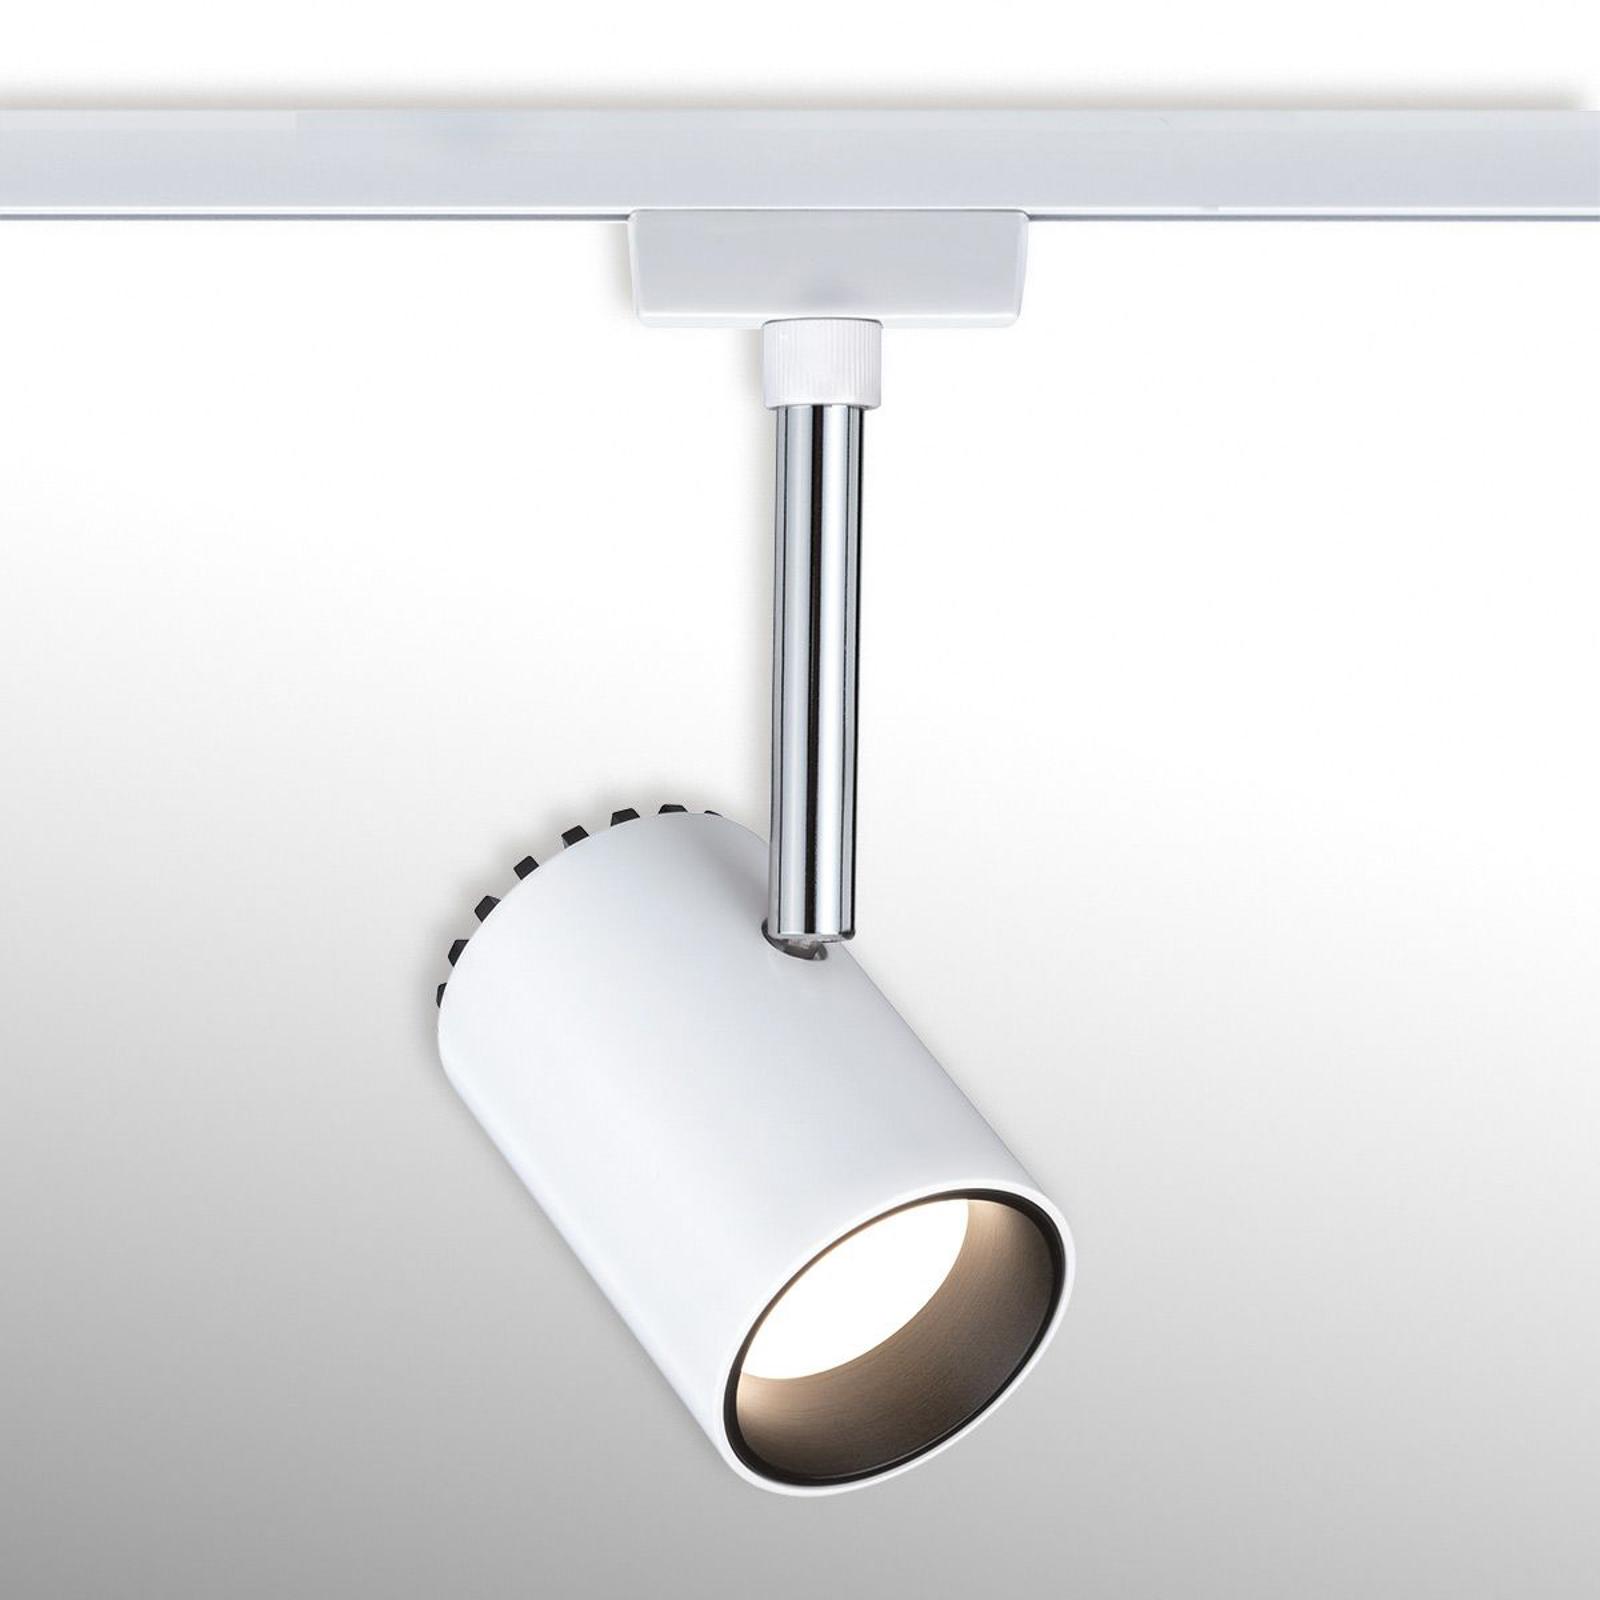 Paulmann URail Shine LED-lyskaster i hvit